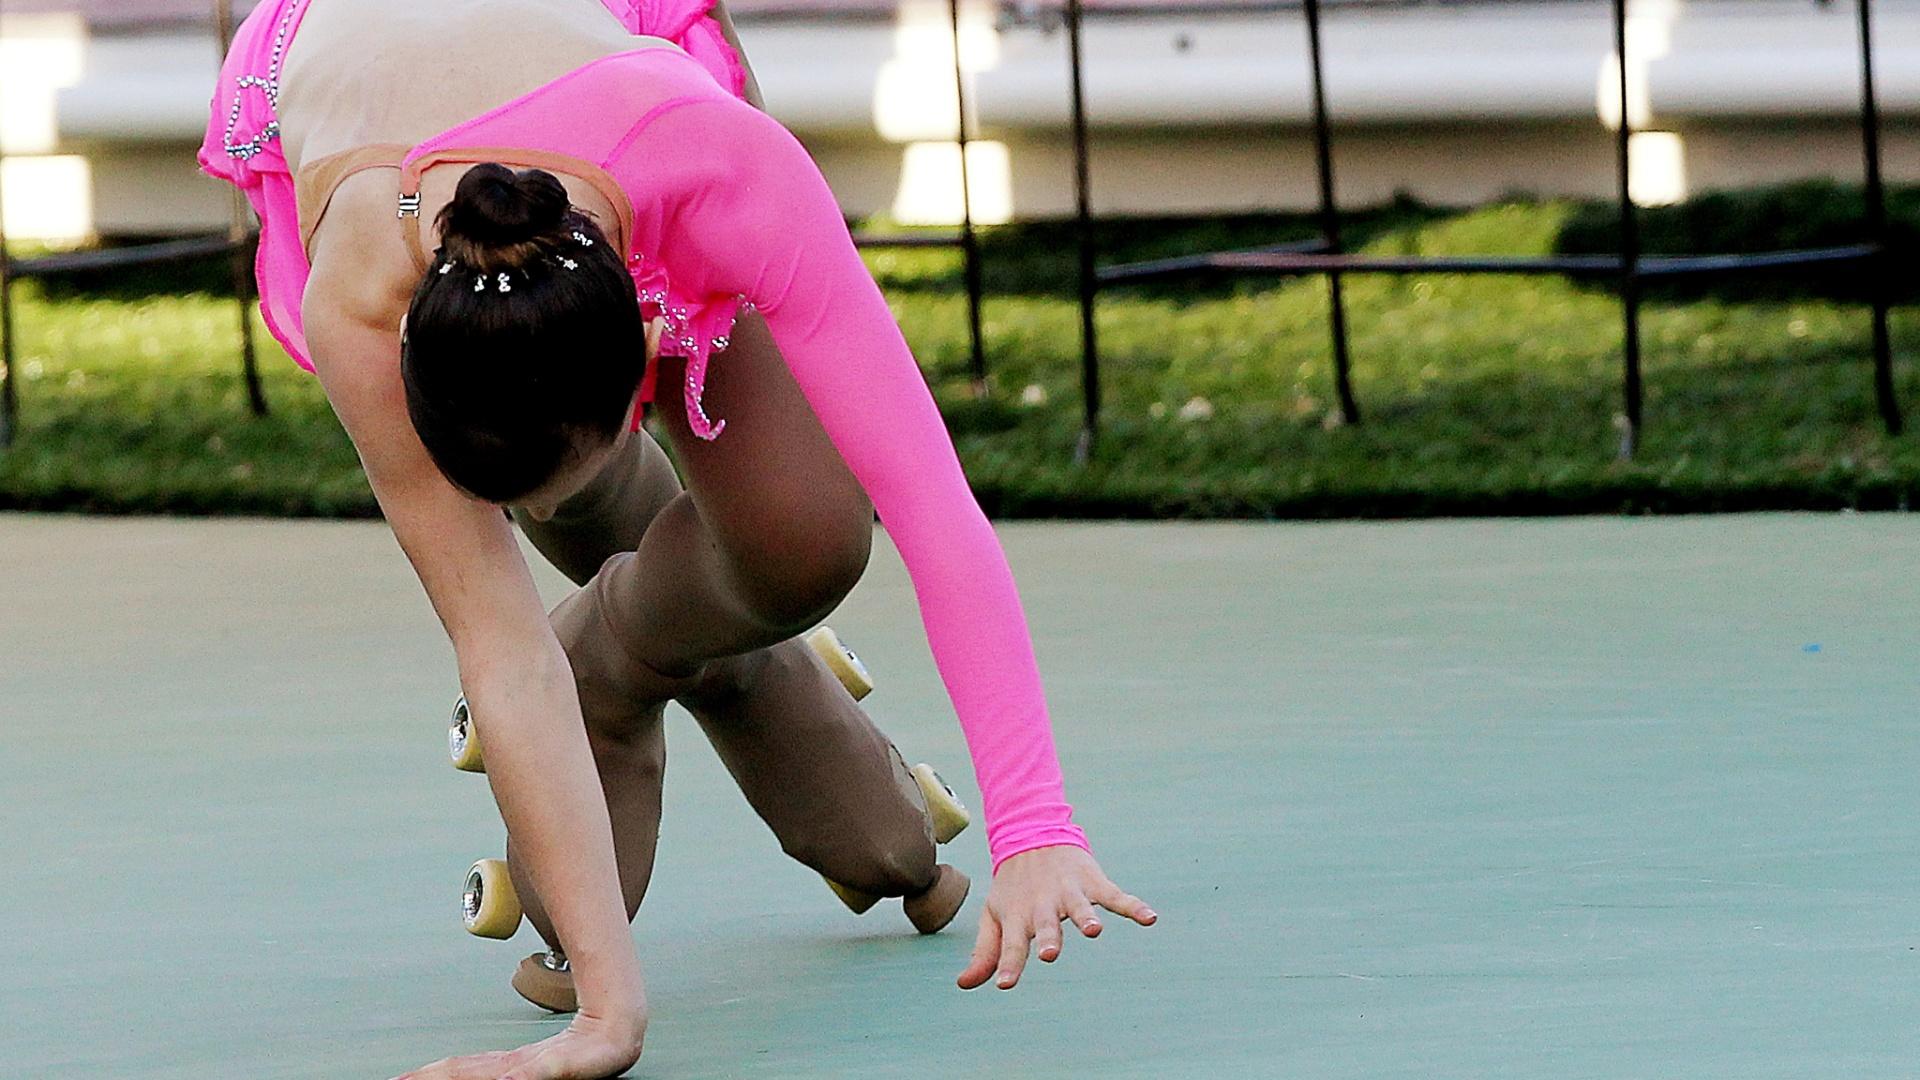 Patinadora brasileira Talitha Haas se desequilibra e cai em sua apresentação no primeiro dia da patinação artística (23/10/2011)